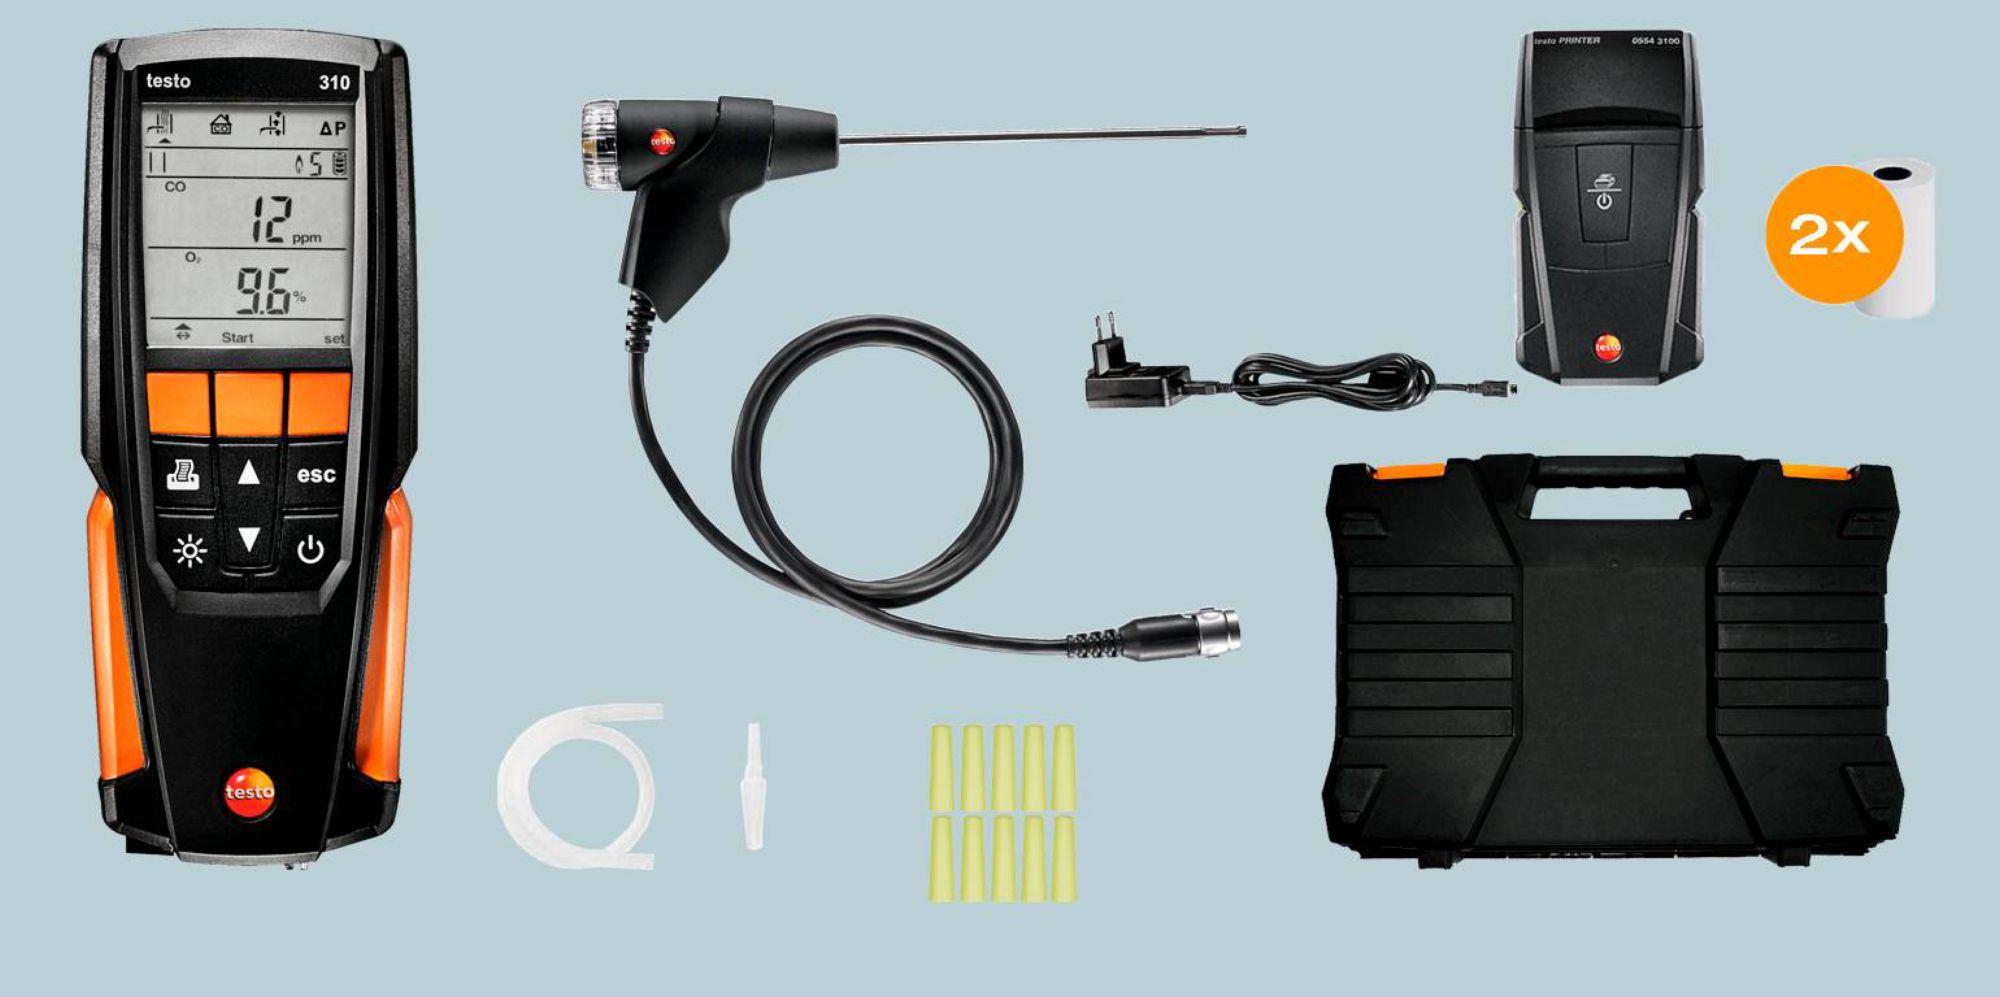 Kit testo 310 com impressora